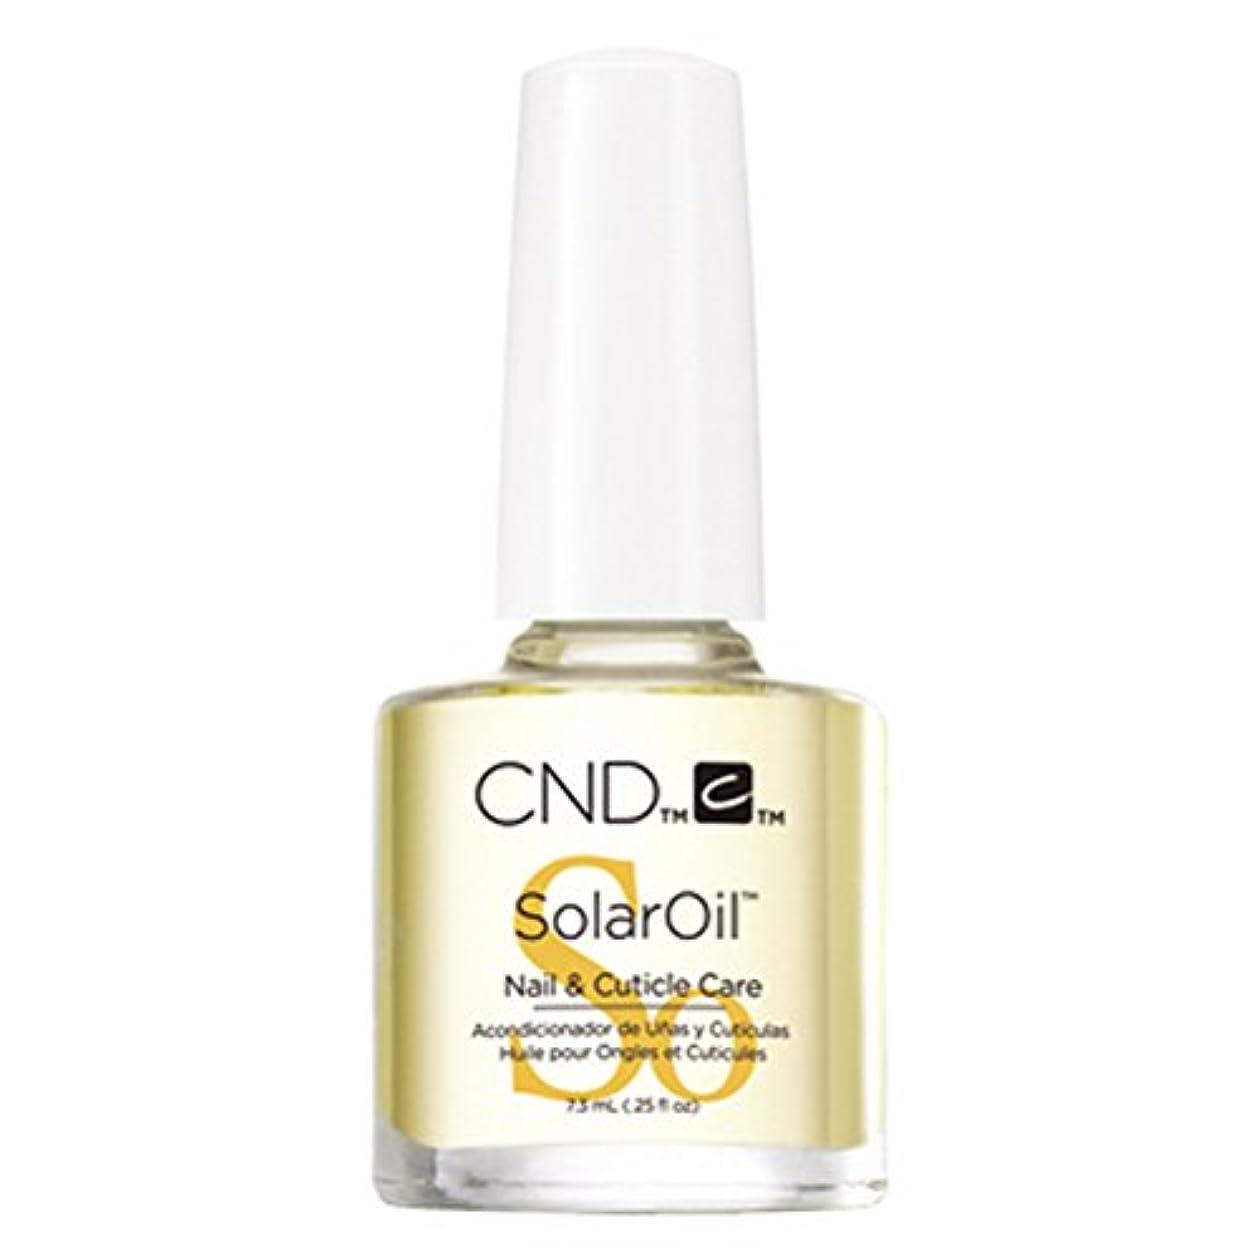 影響力のあるデコラティブこするCND ソーラーオイル  7.3ml キューティクルオイル